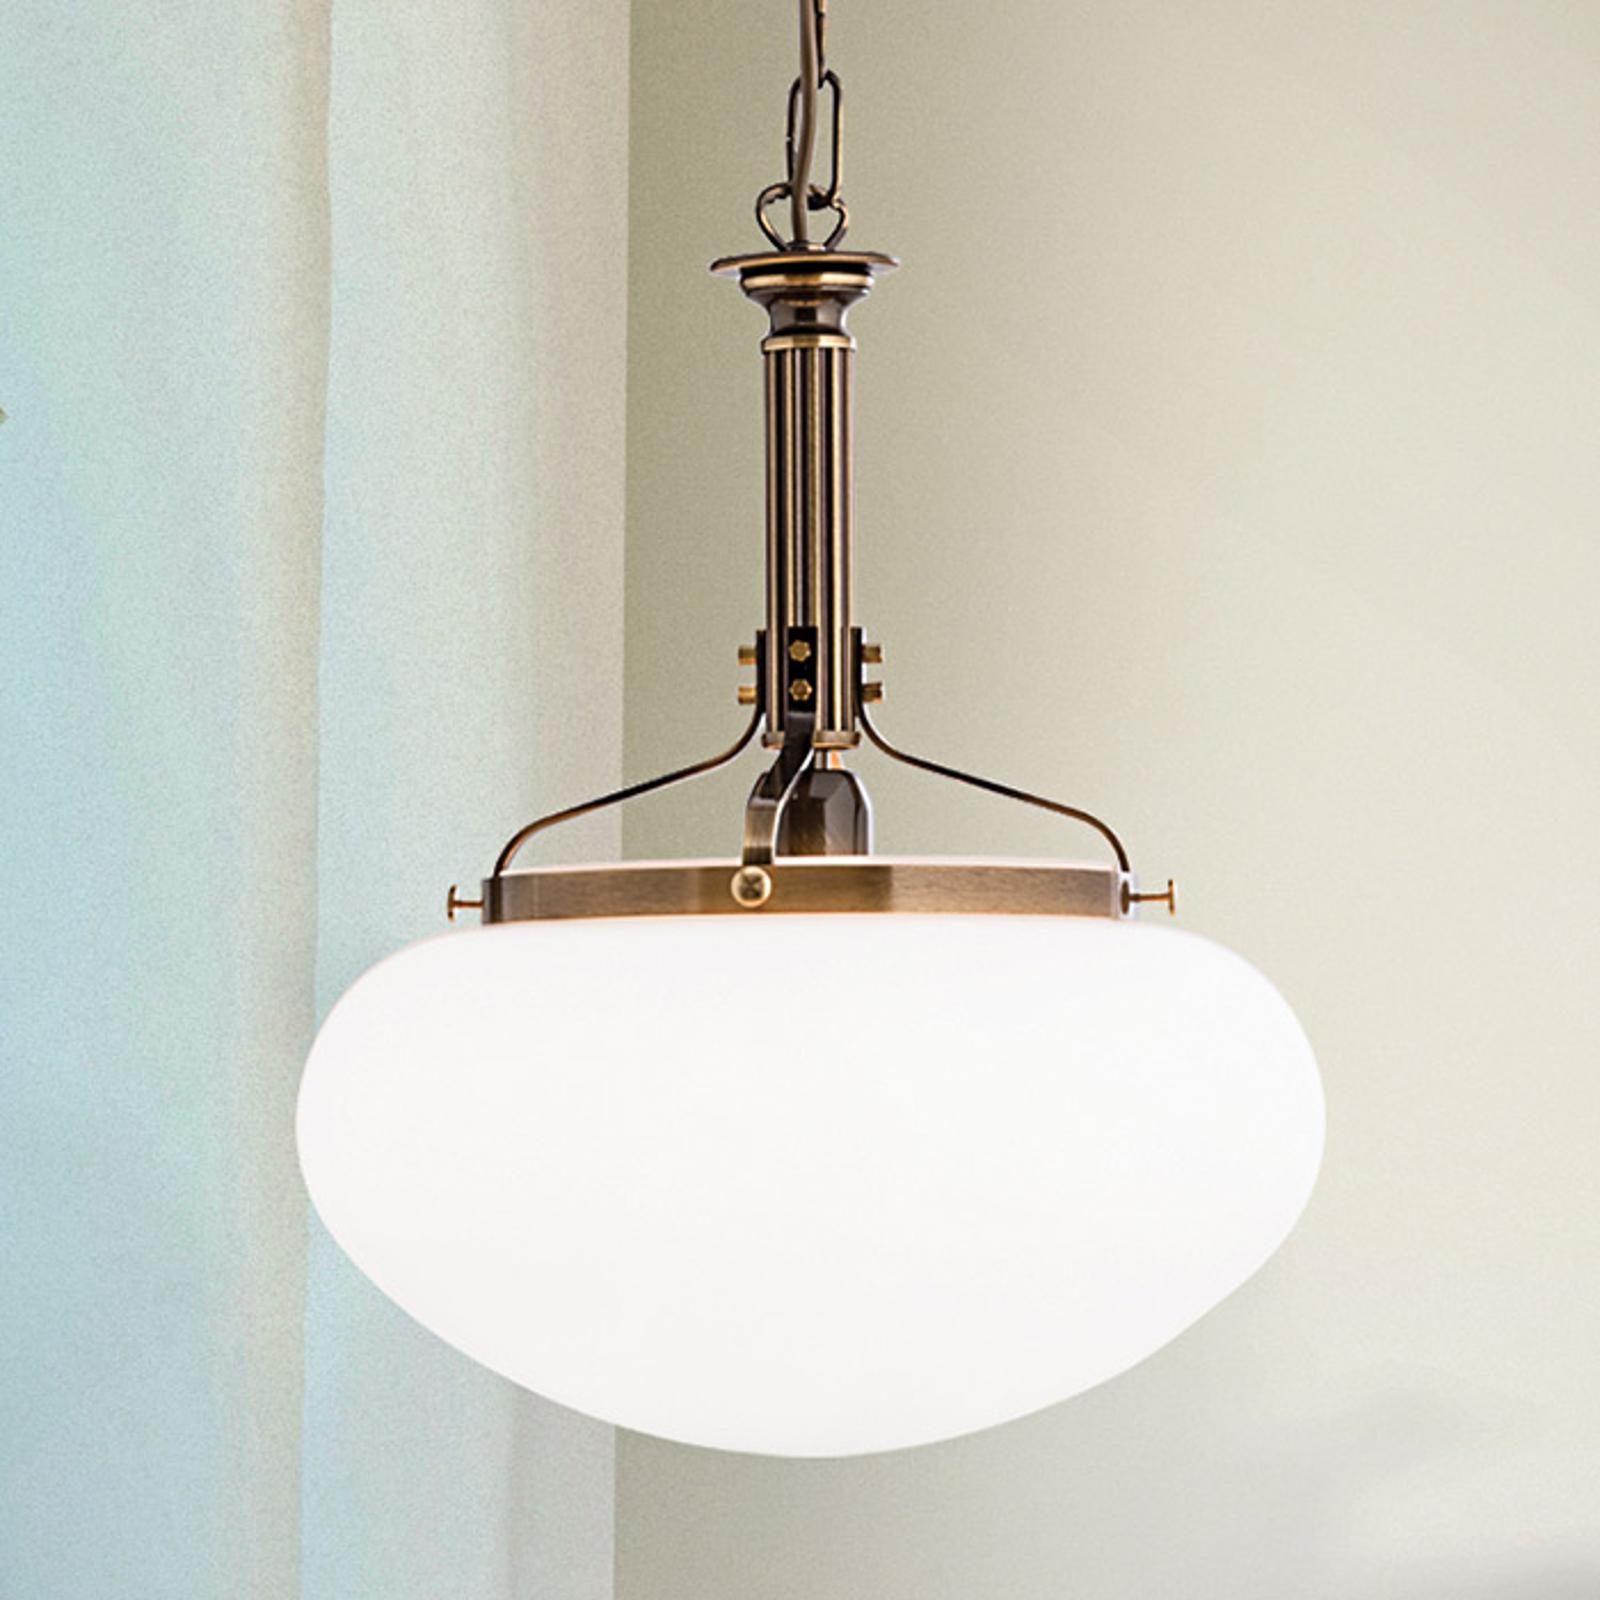 Lampa wisząca Delia, stary mosiądz, 1-punktowa